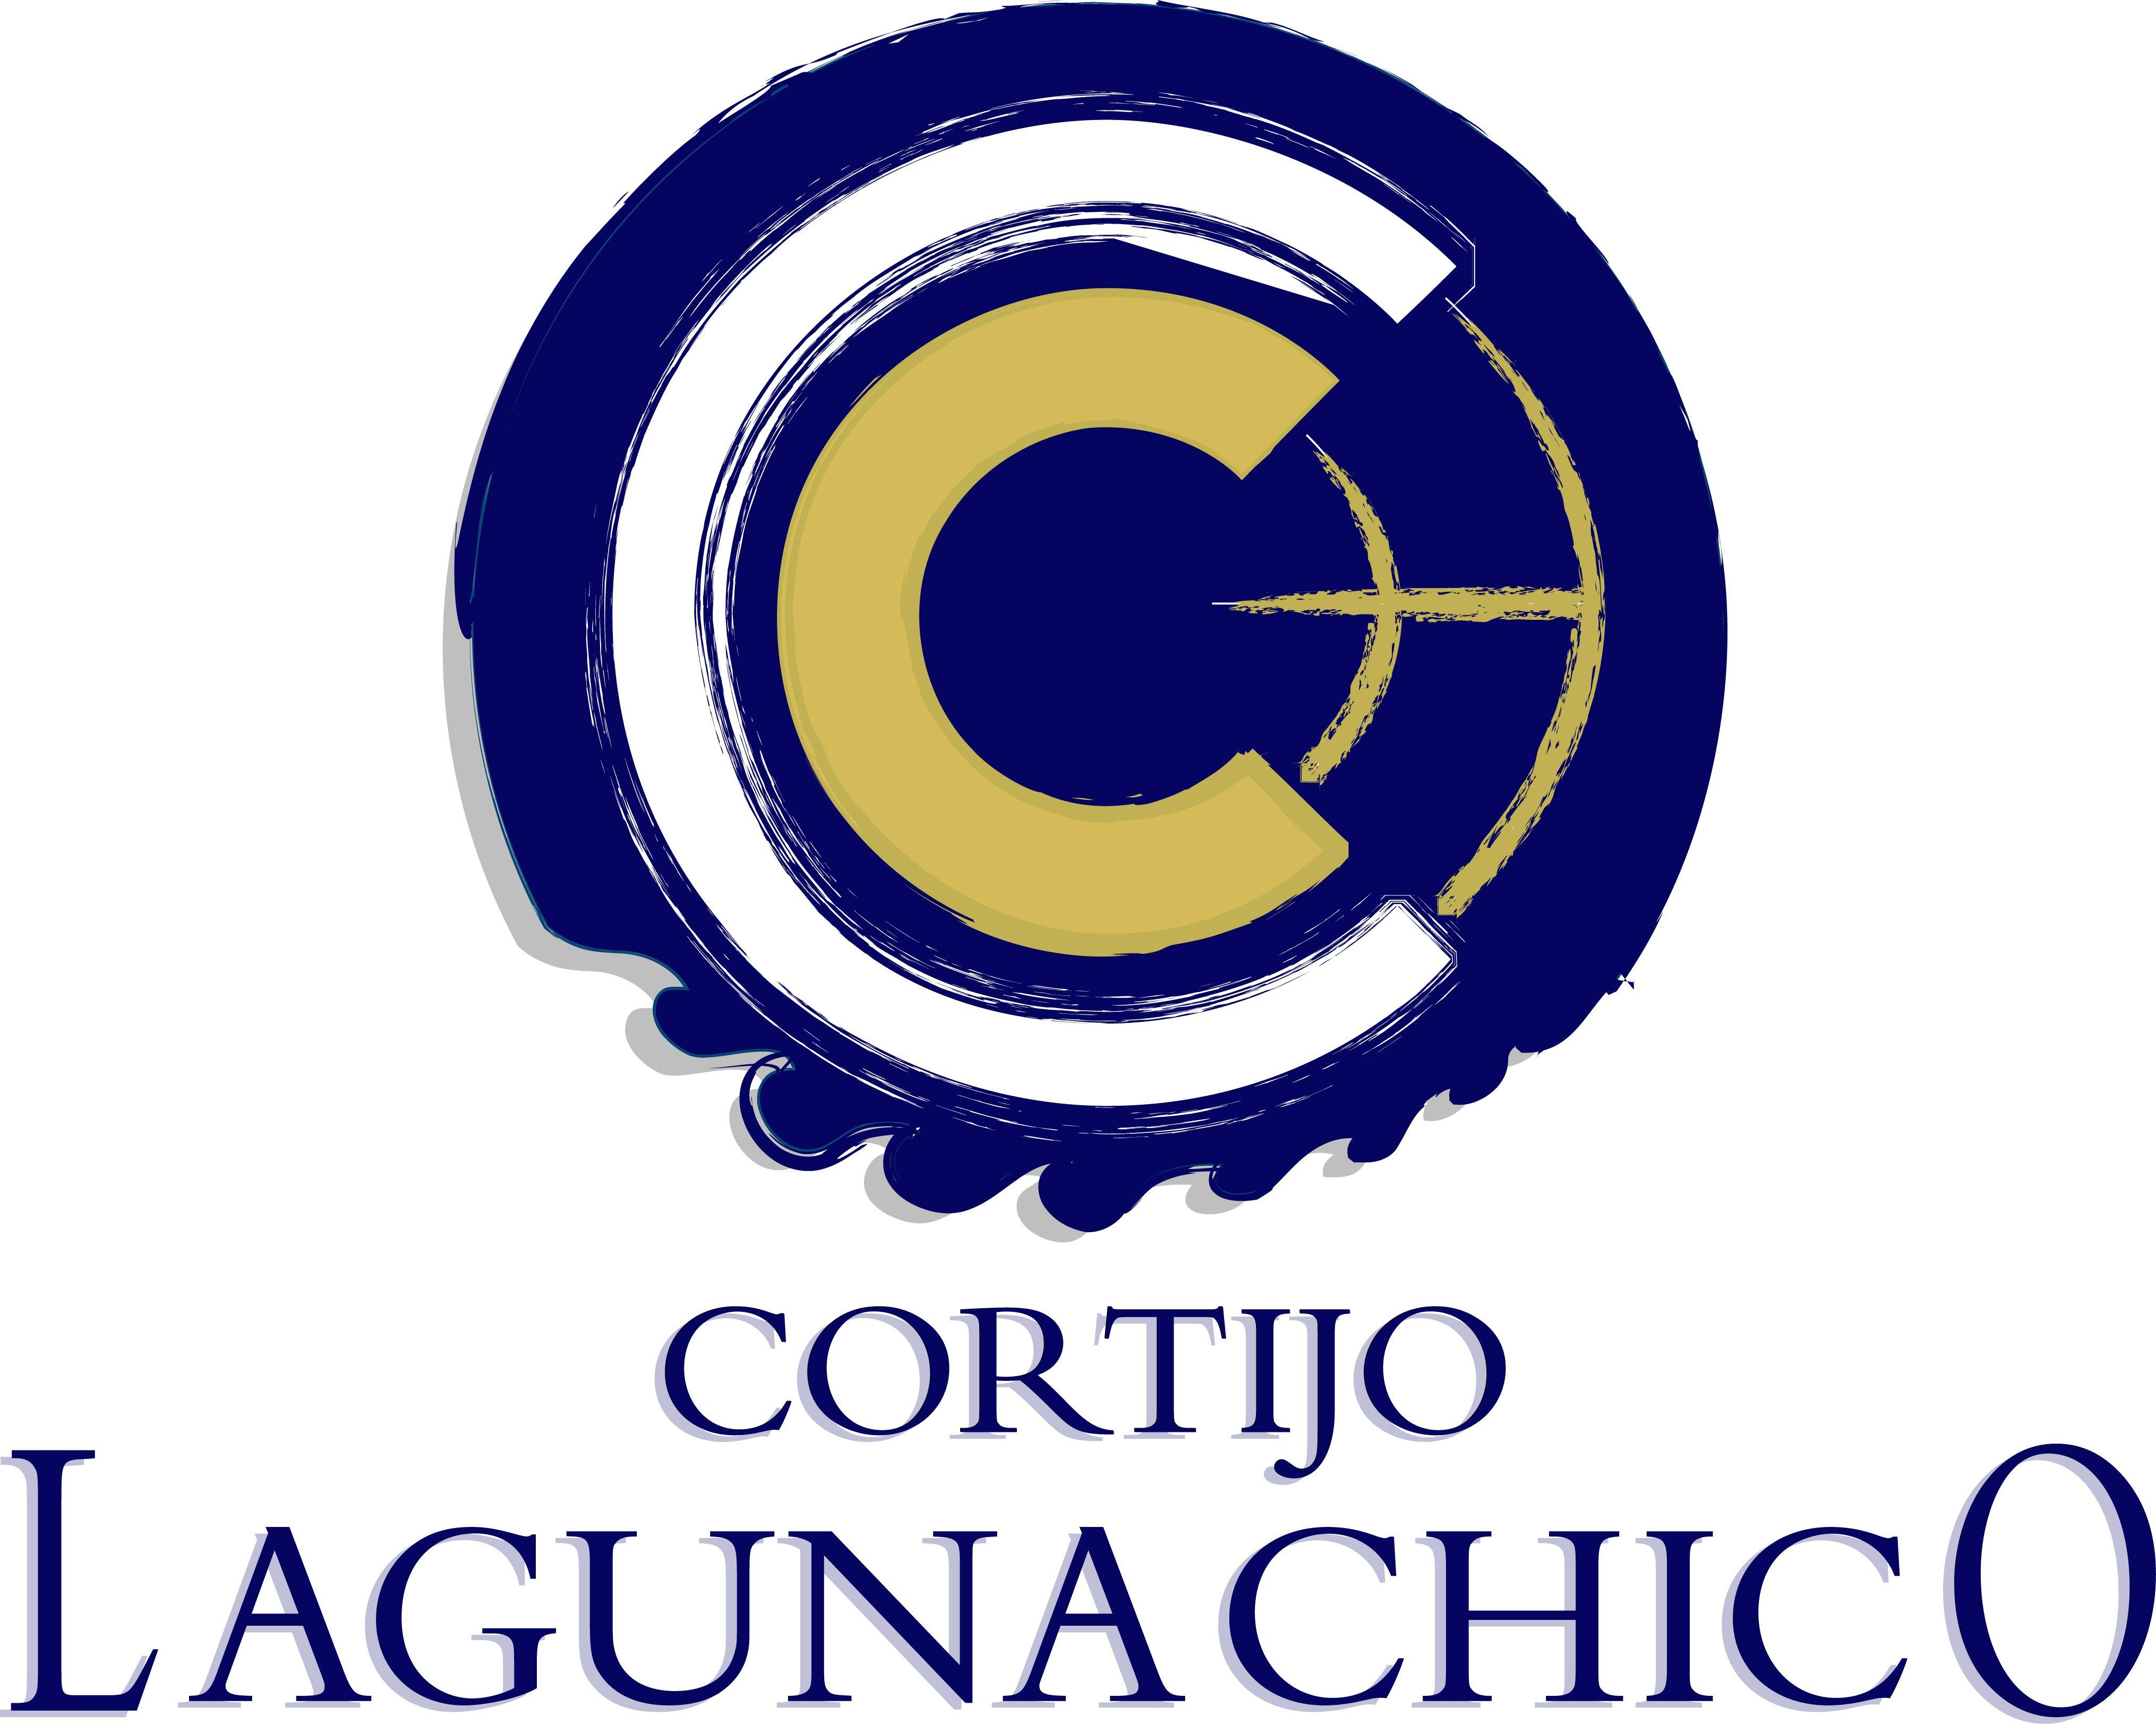 Cortijo Laguna Chico